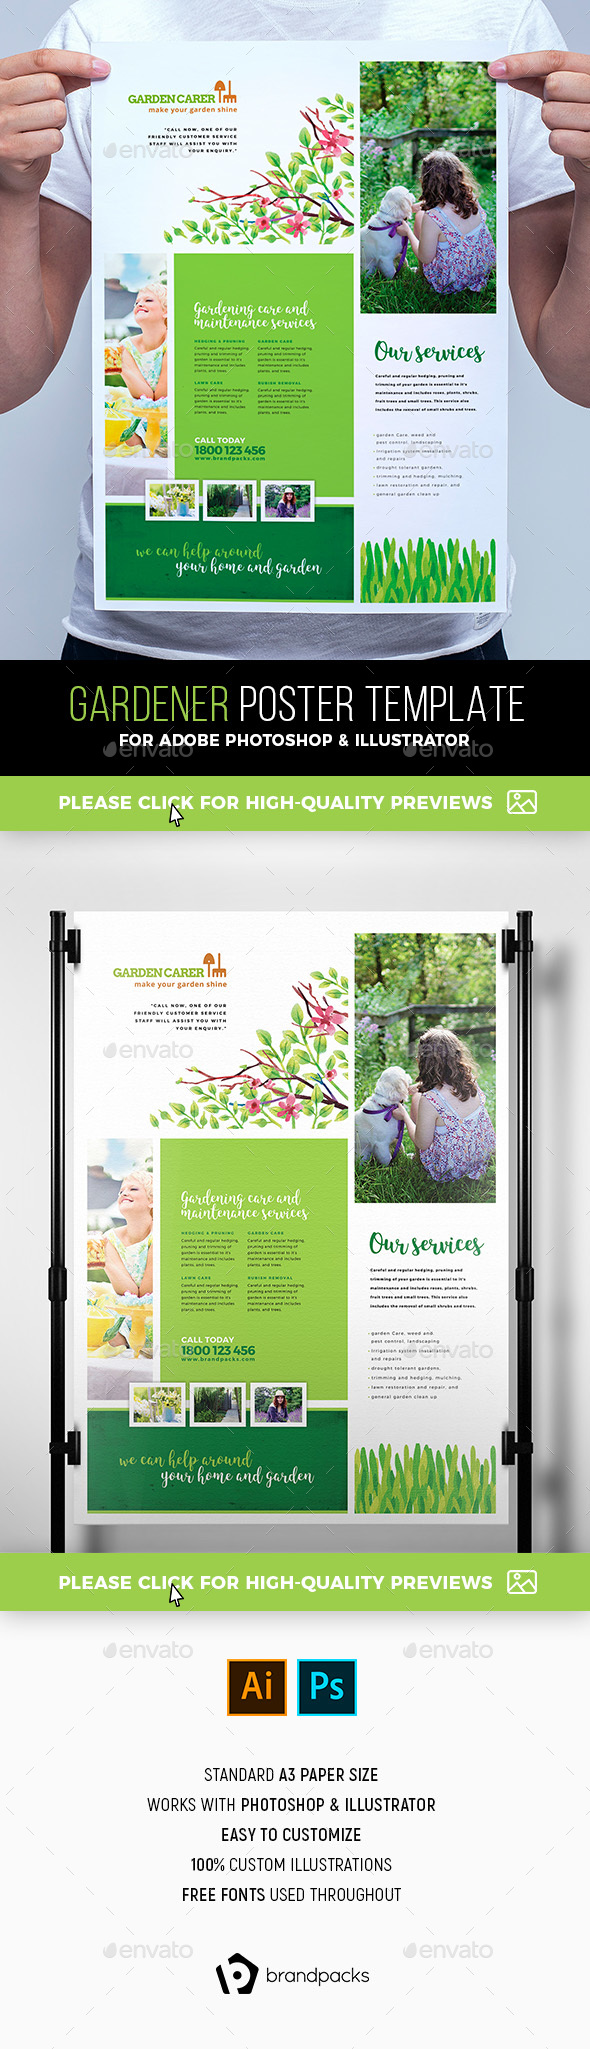 Gardener Poster Template - Corporate Flyers